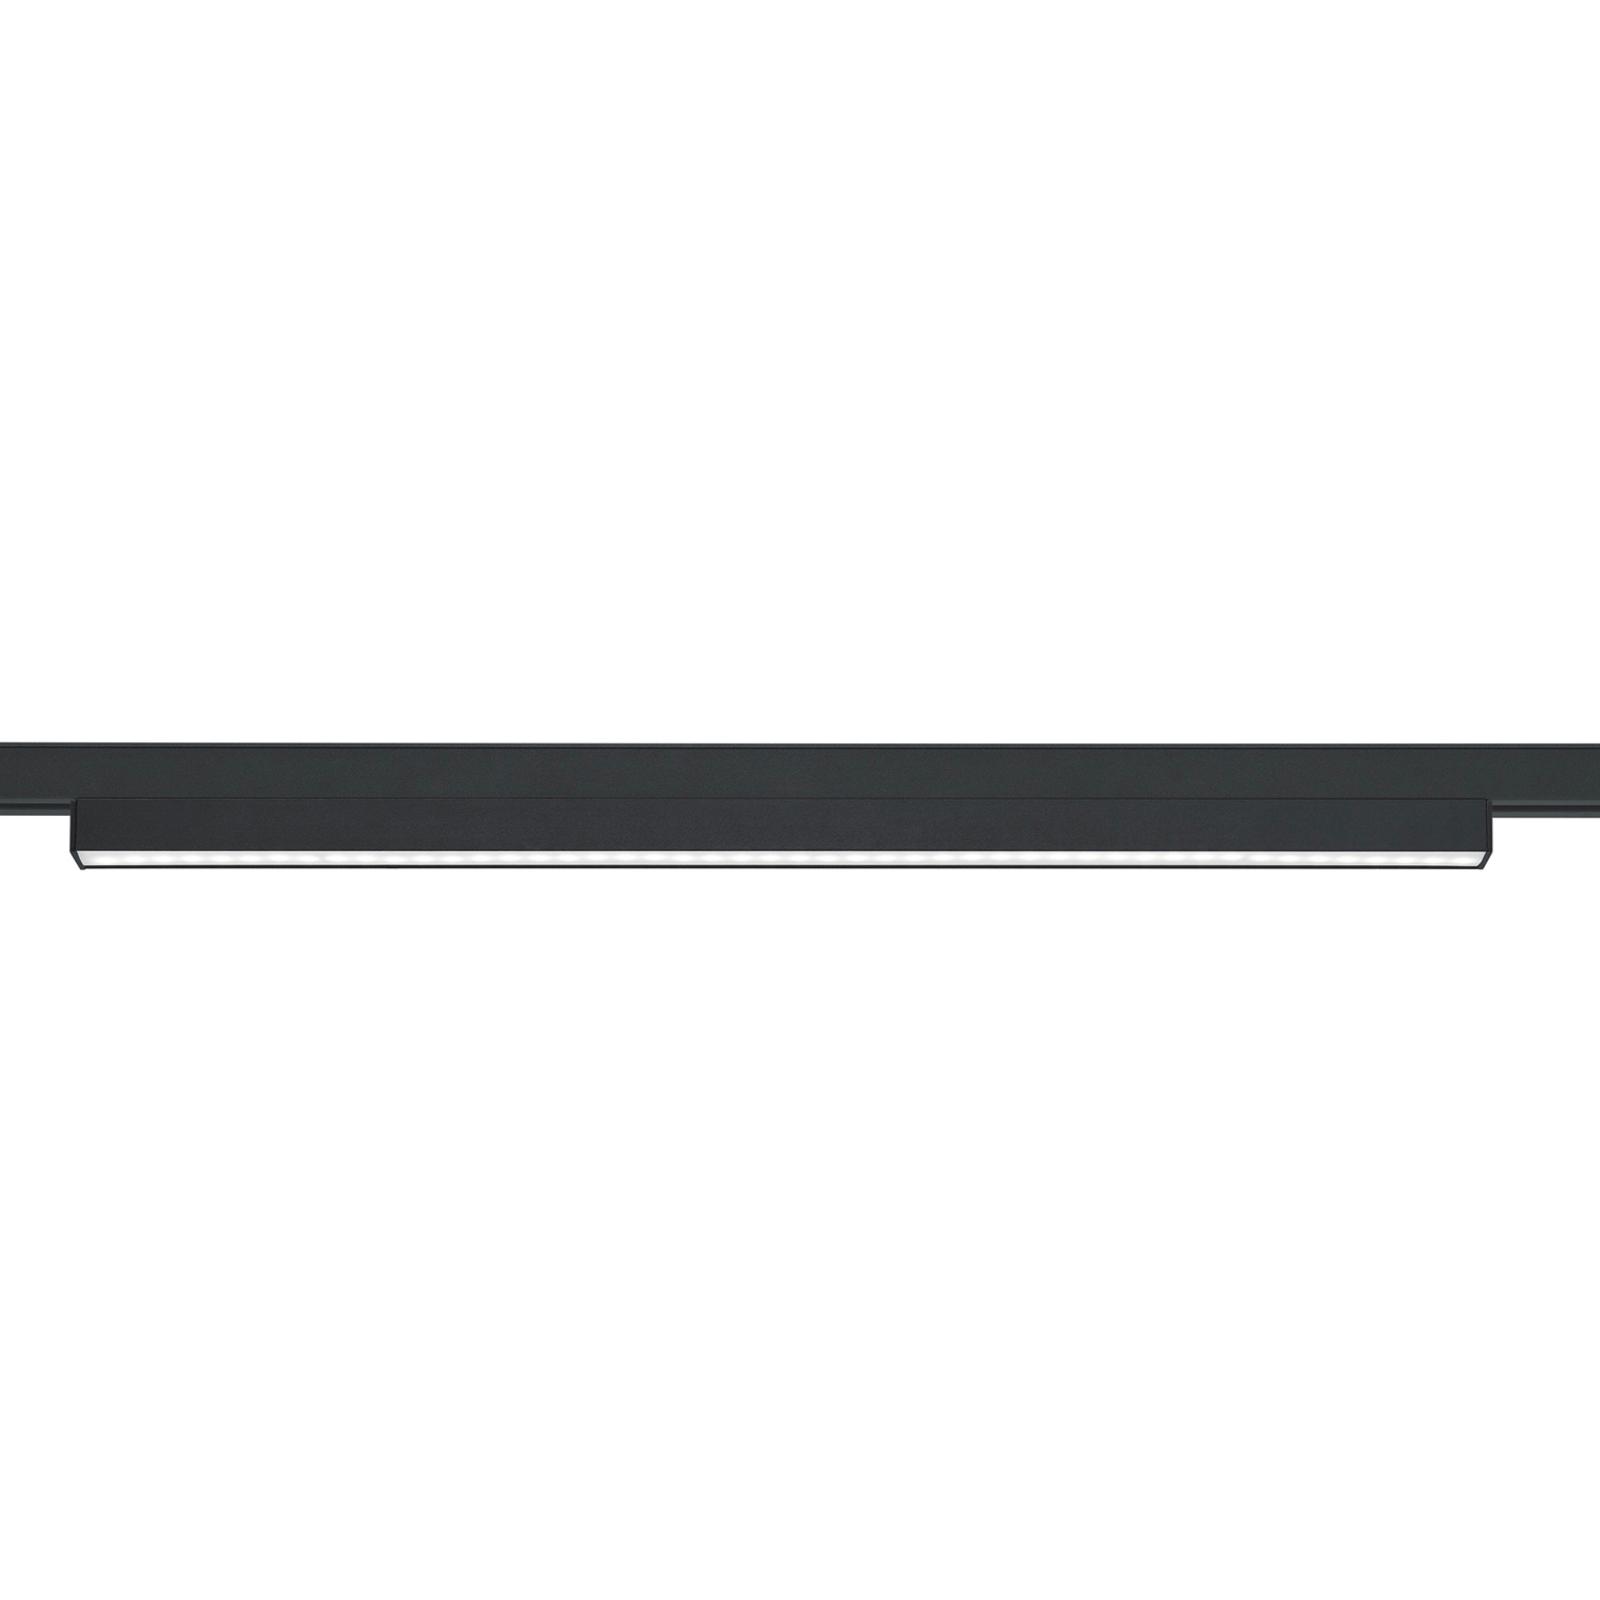 LED-valolista DUOline-kiskojärjestelmään, musta